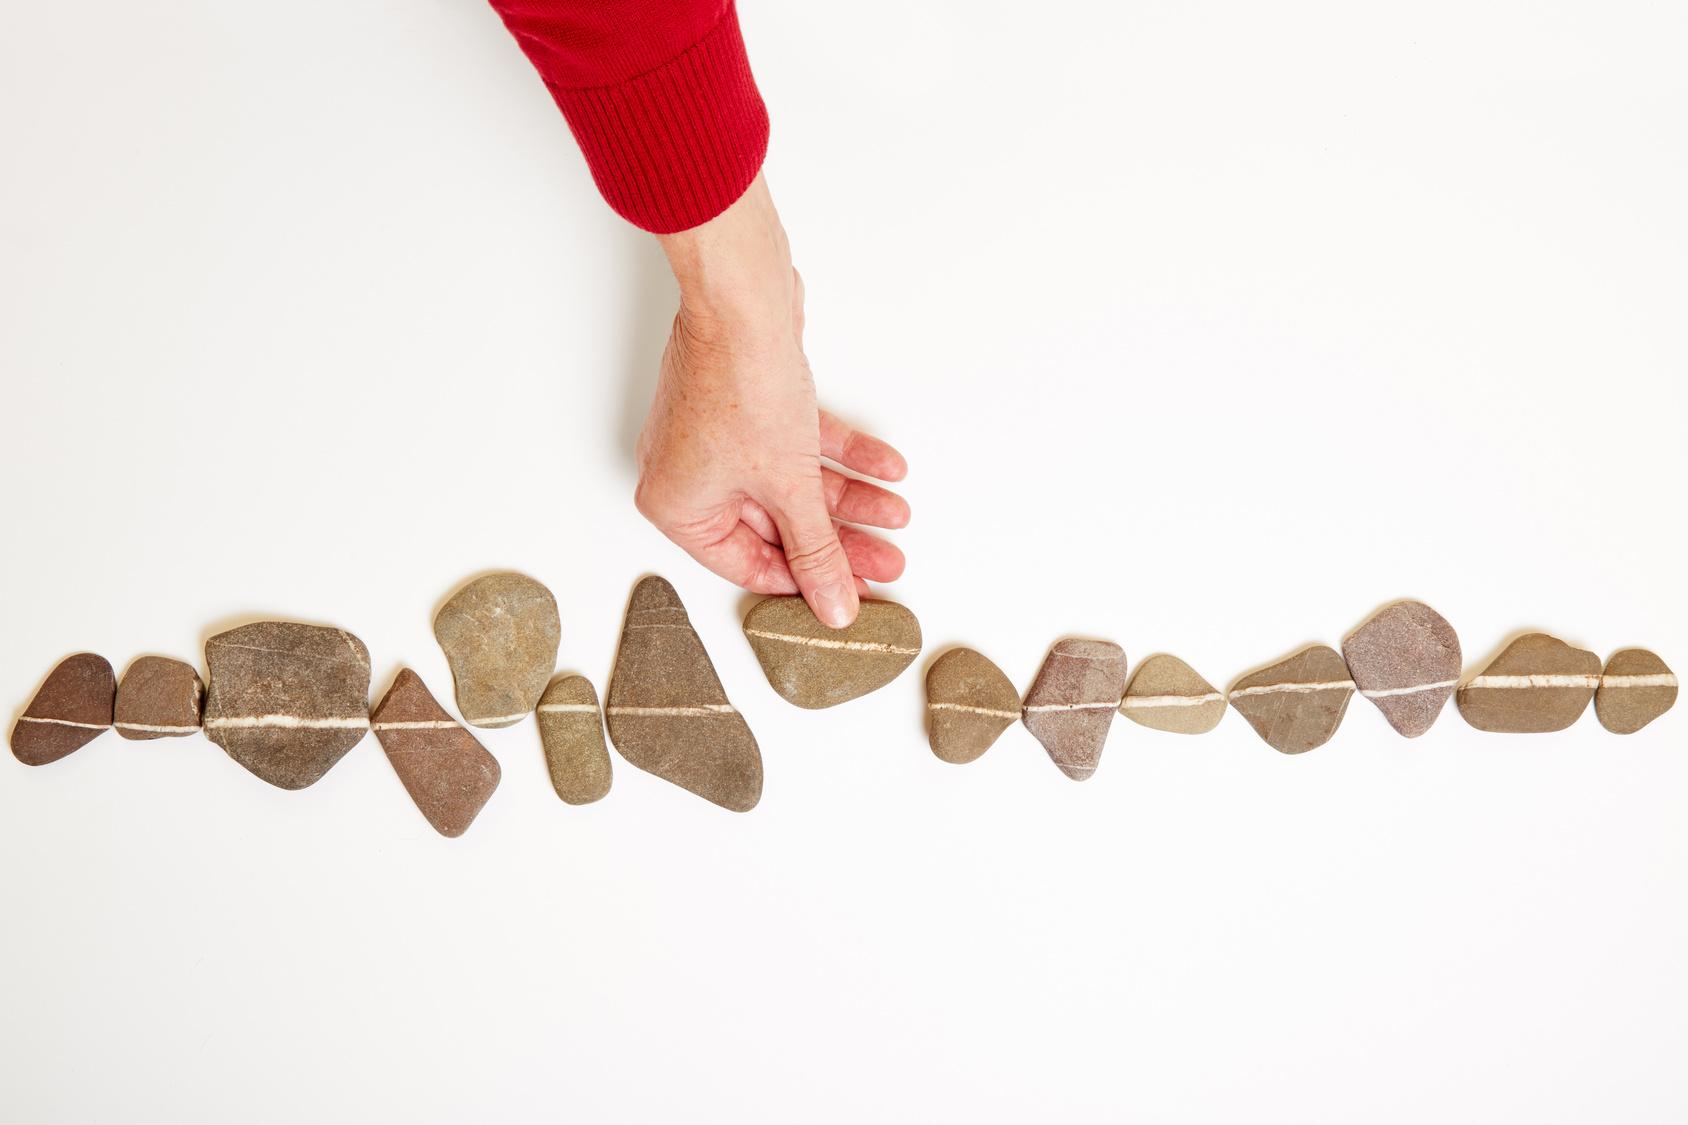 Hand schiebt Stein in eine Linie aus vielen anderen Steinen